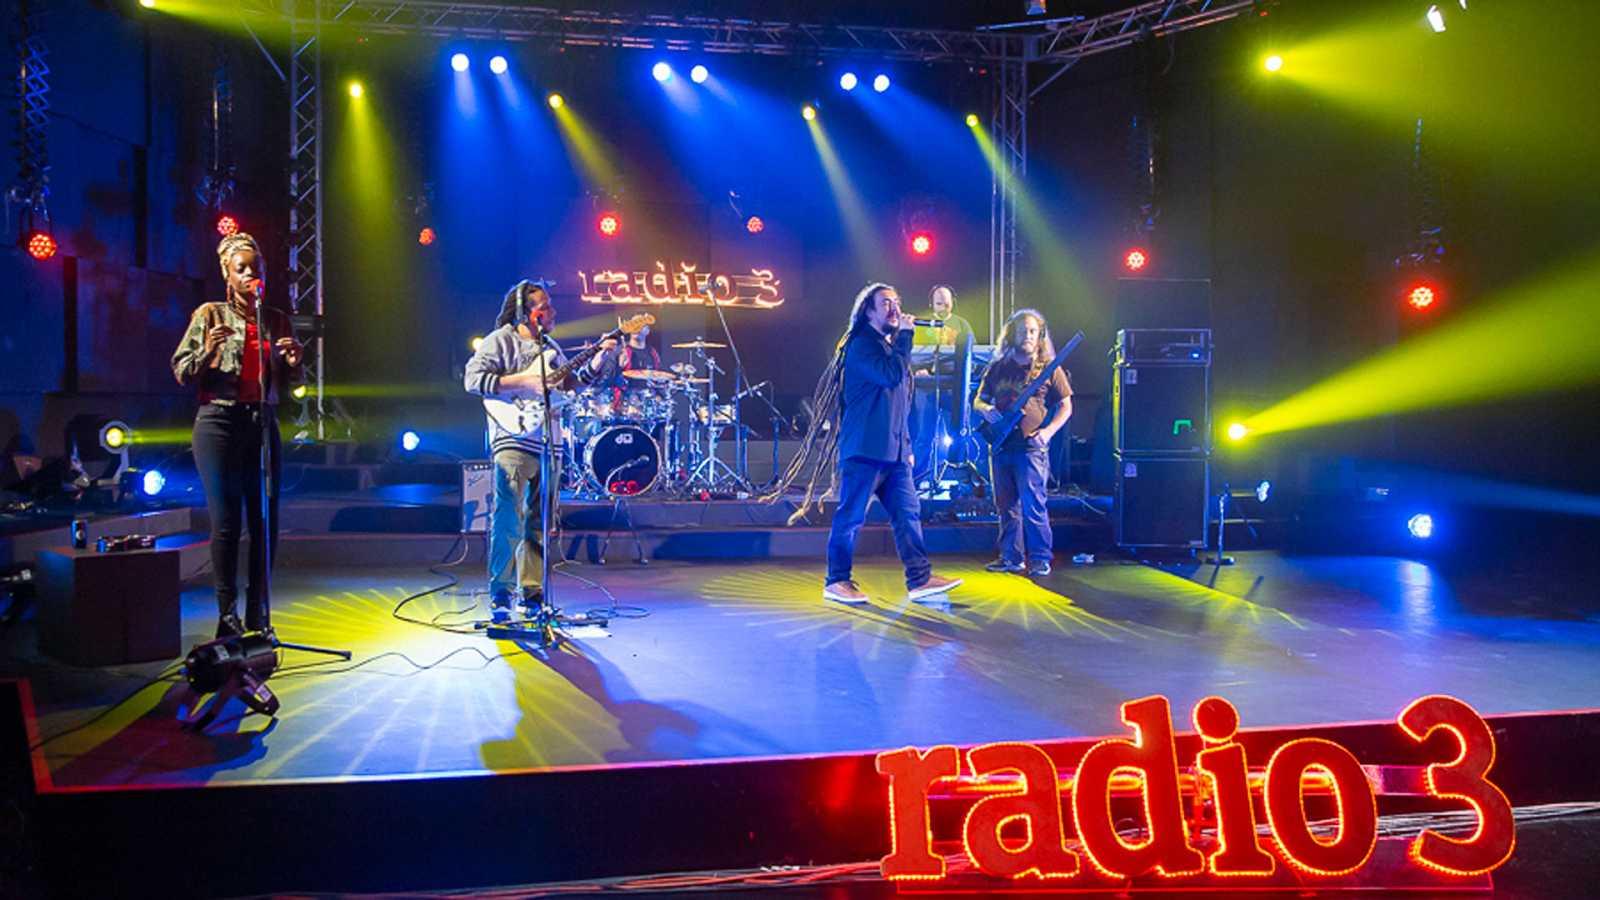 Los conciertos de Radio 3 - Morodo - ver ahora